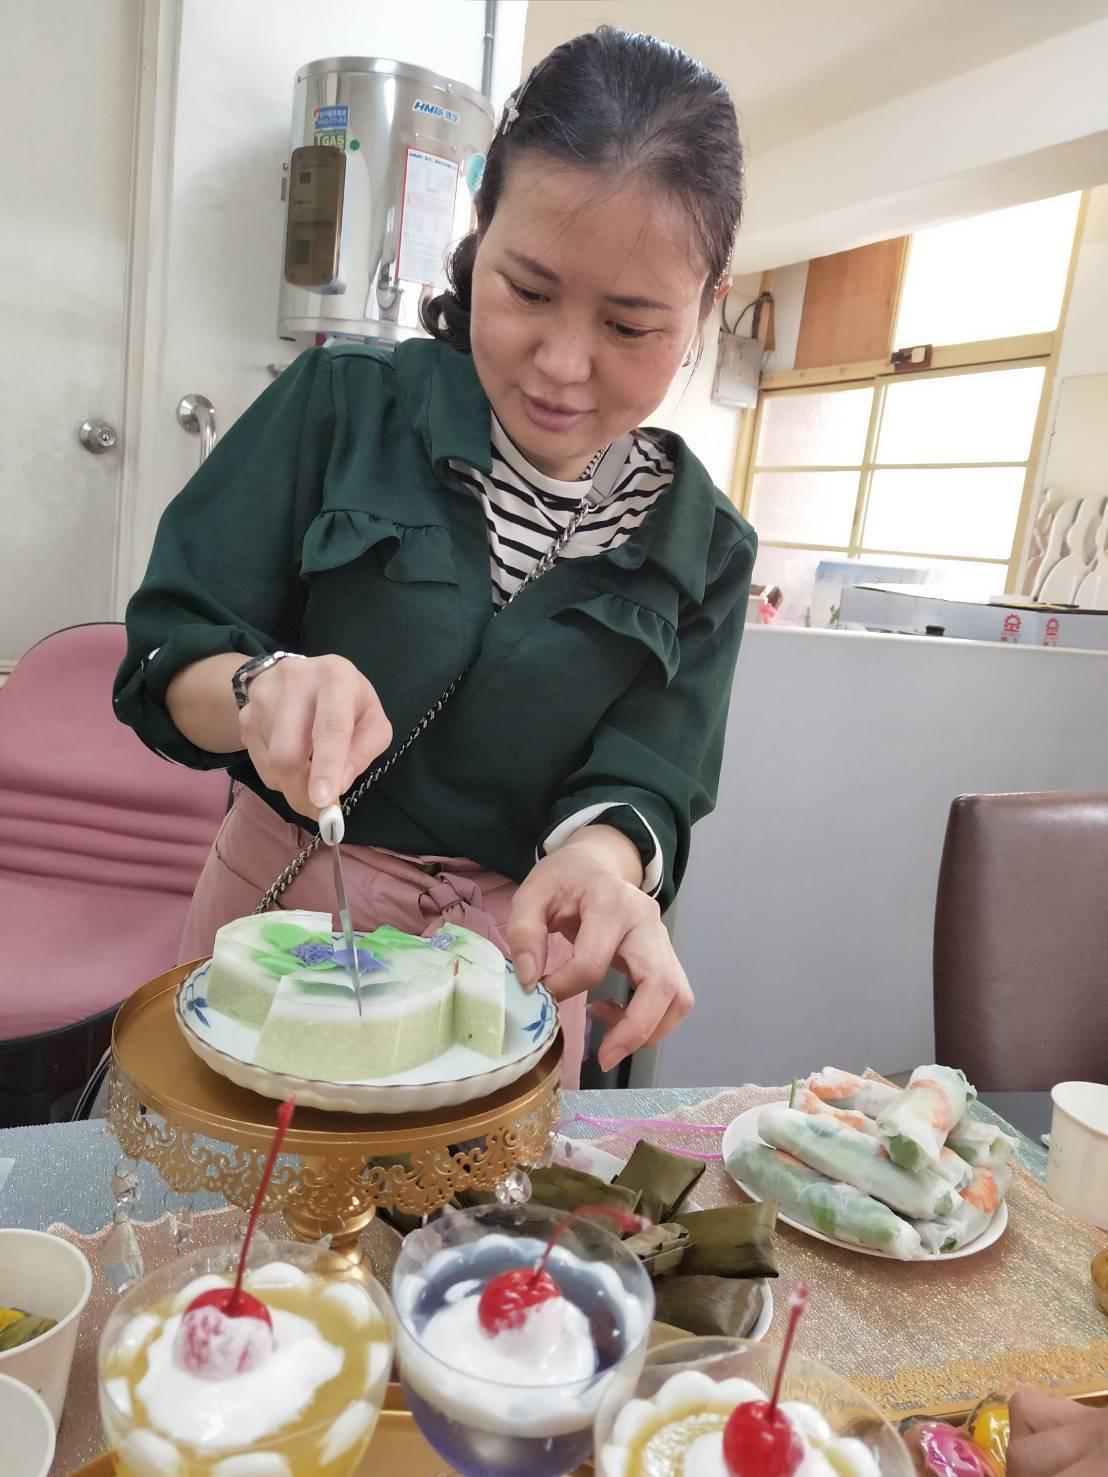 來自越南的新住民文彩燕近年常應邀到各地社區、家政班和學校傳授製作立體果凍。記者何...